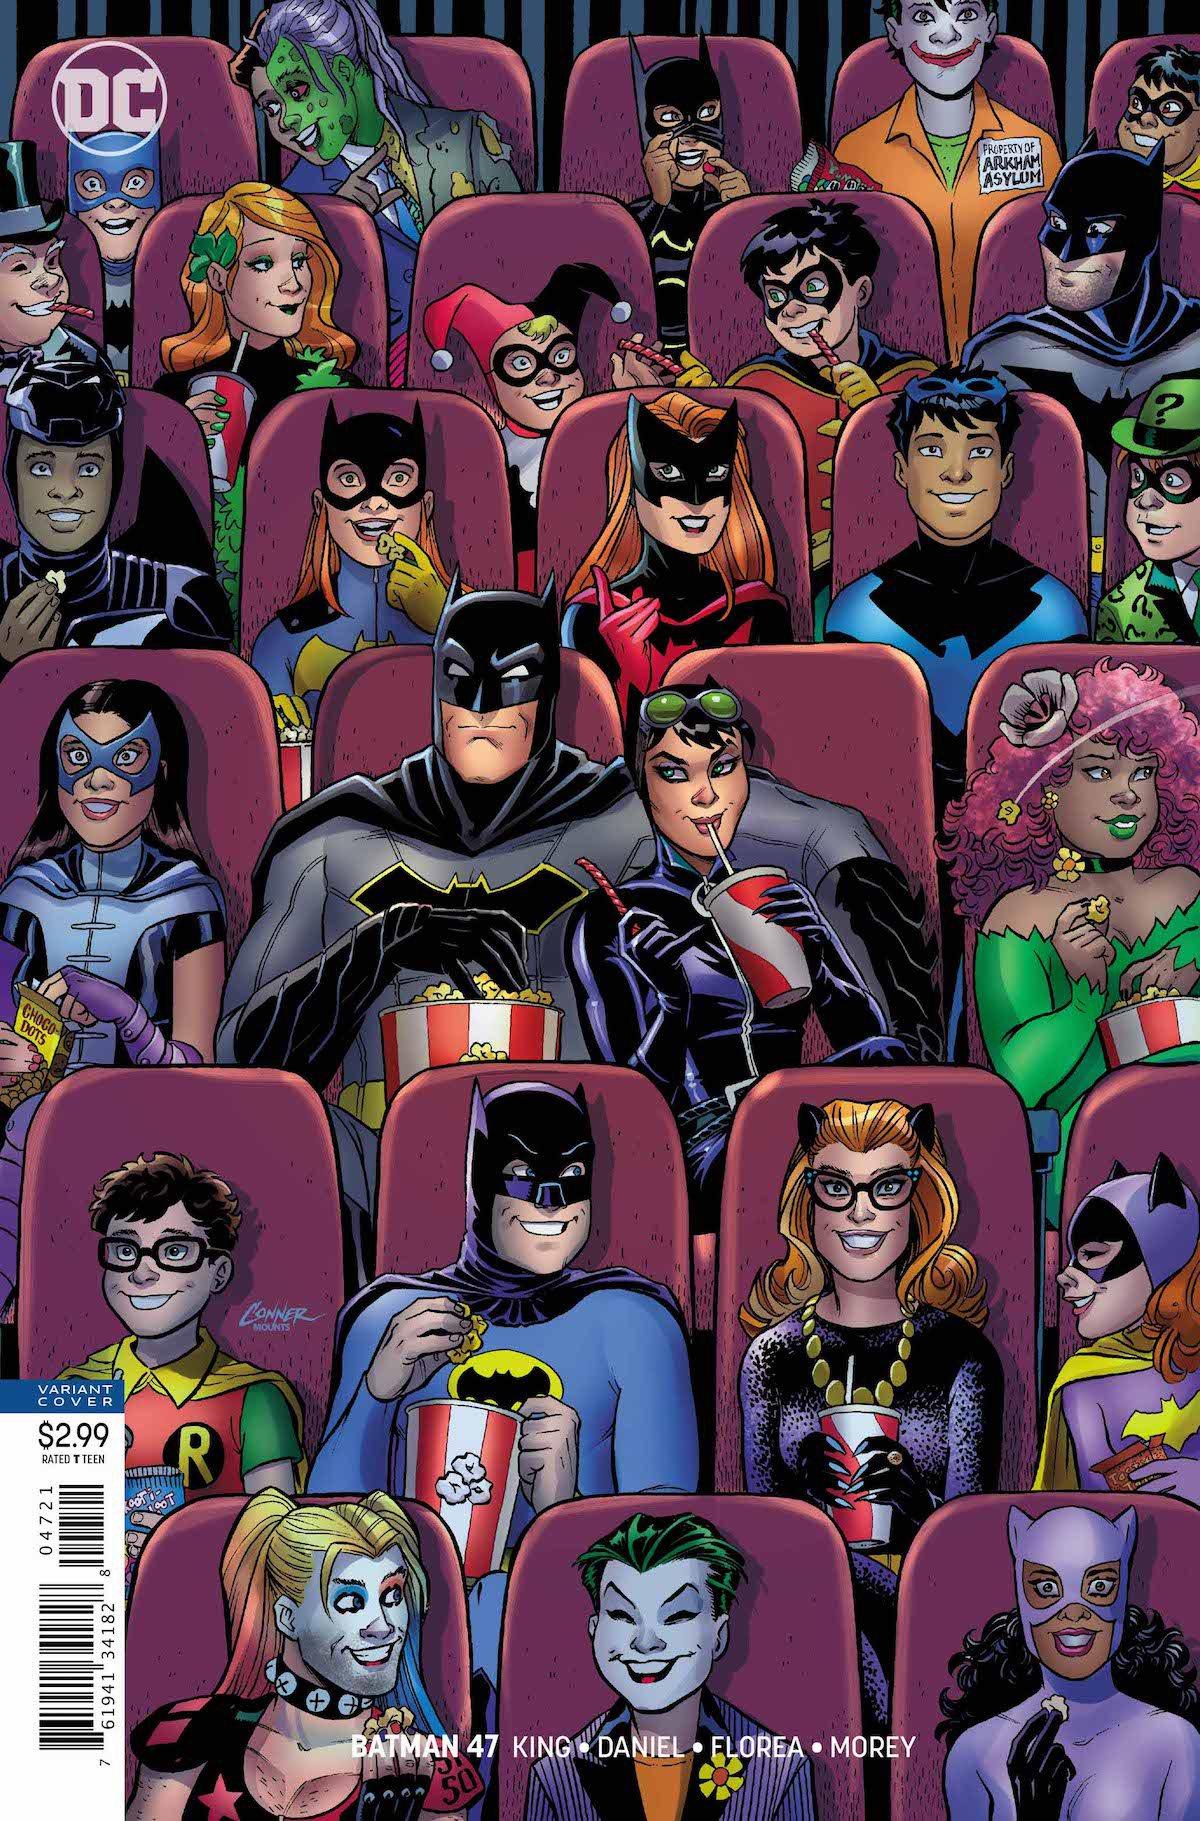 Batman #47 Amanda Conner cover